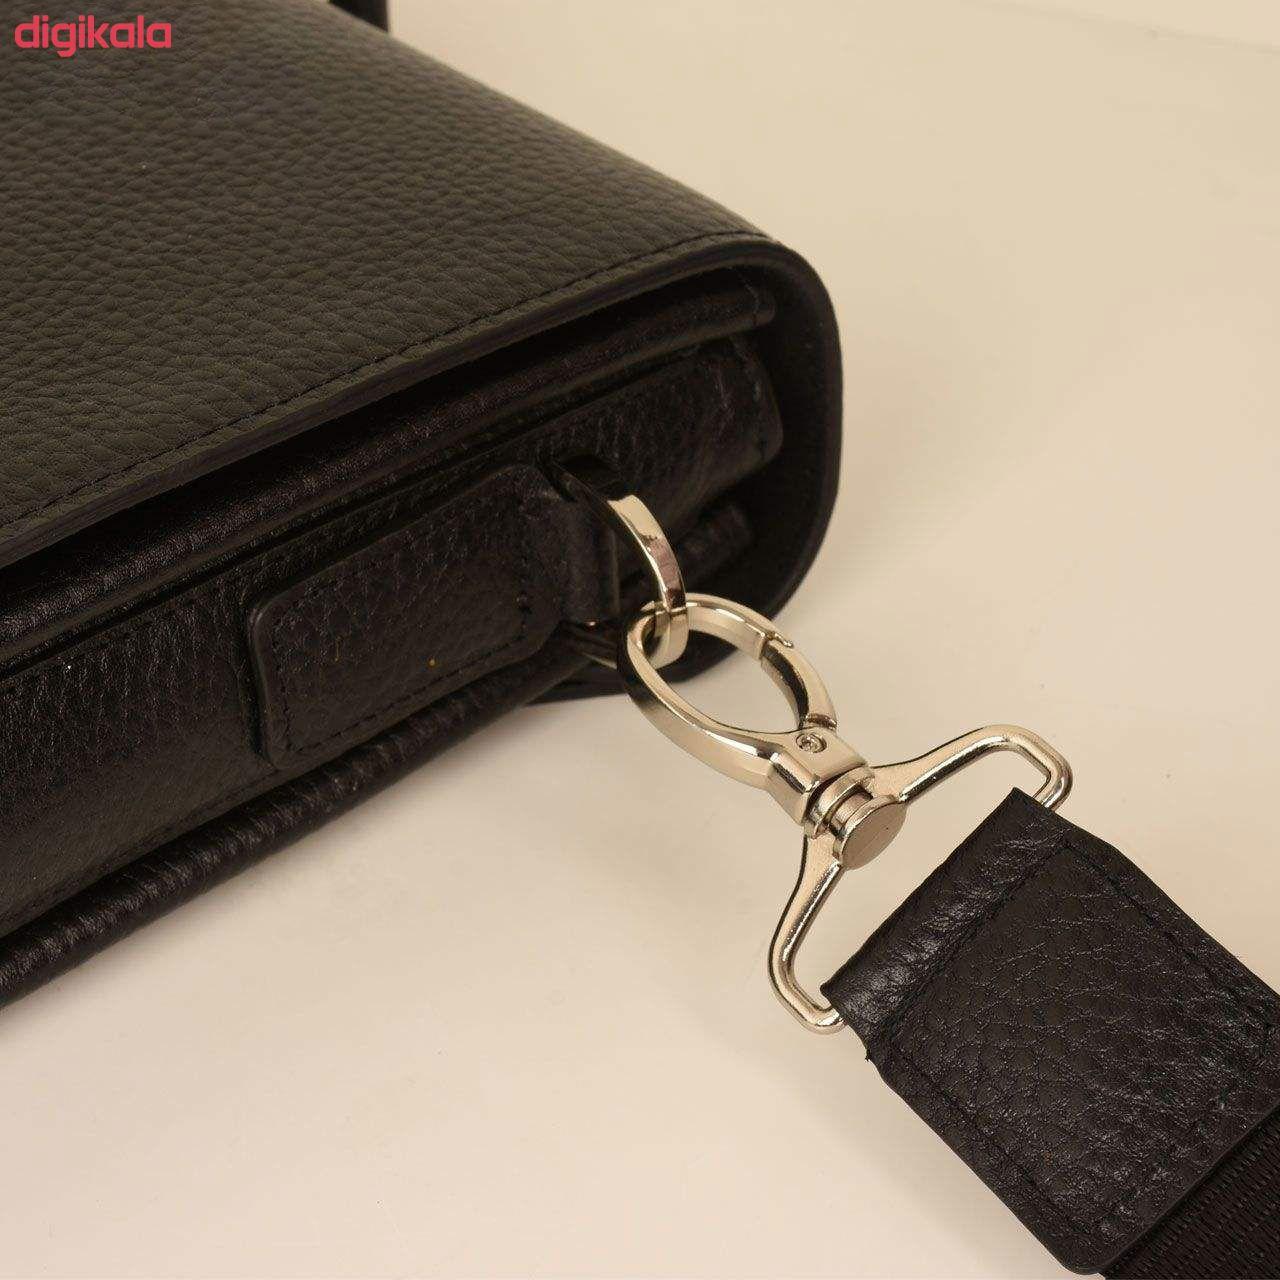 کیف اداری مردانه پارینه چرم مدل L146-1 main 1 35